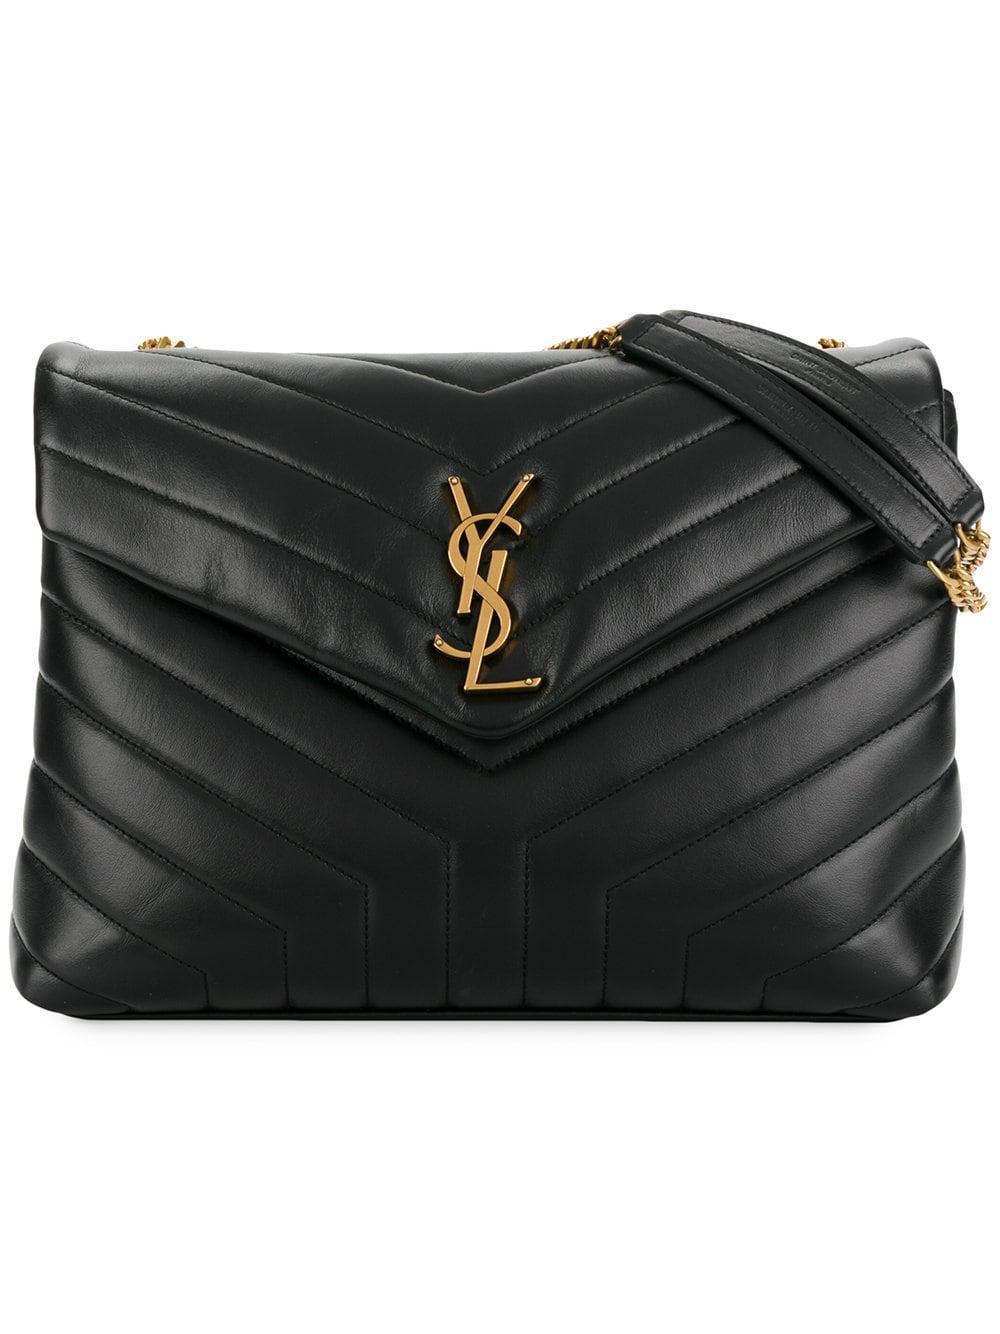 991ff8d17 Lyst - Saint Laurent Monogram Loulou Leather Shoulder Bag in Black